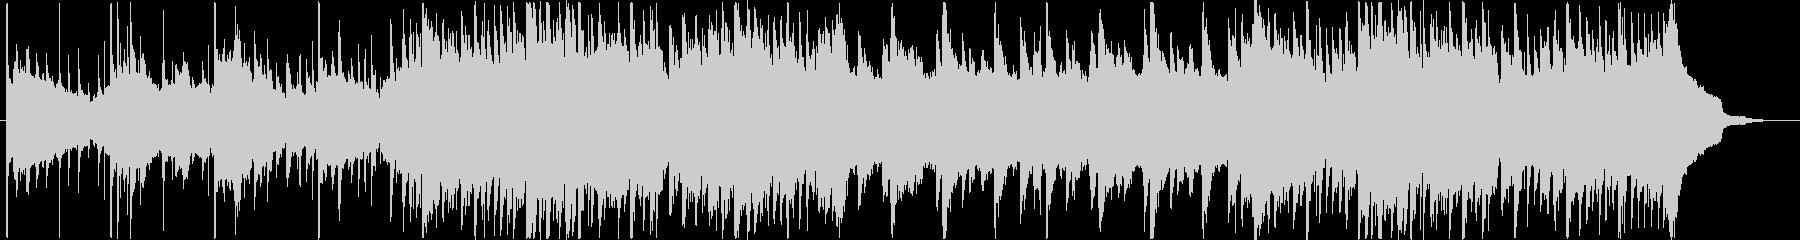 ギターのハーモニクス、グロッケンシ...の未再生の波形